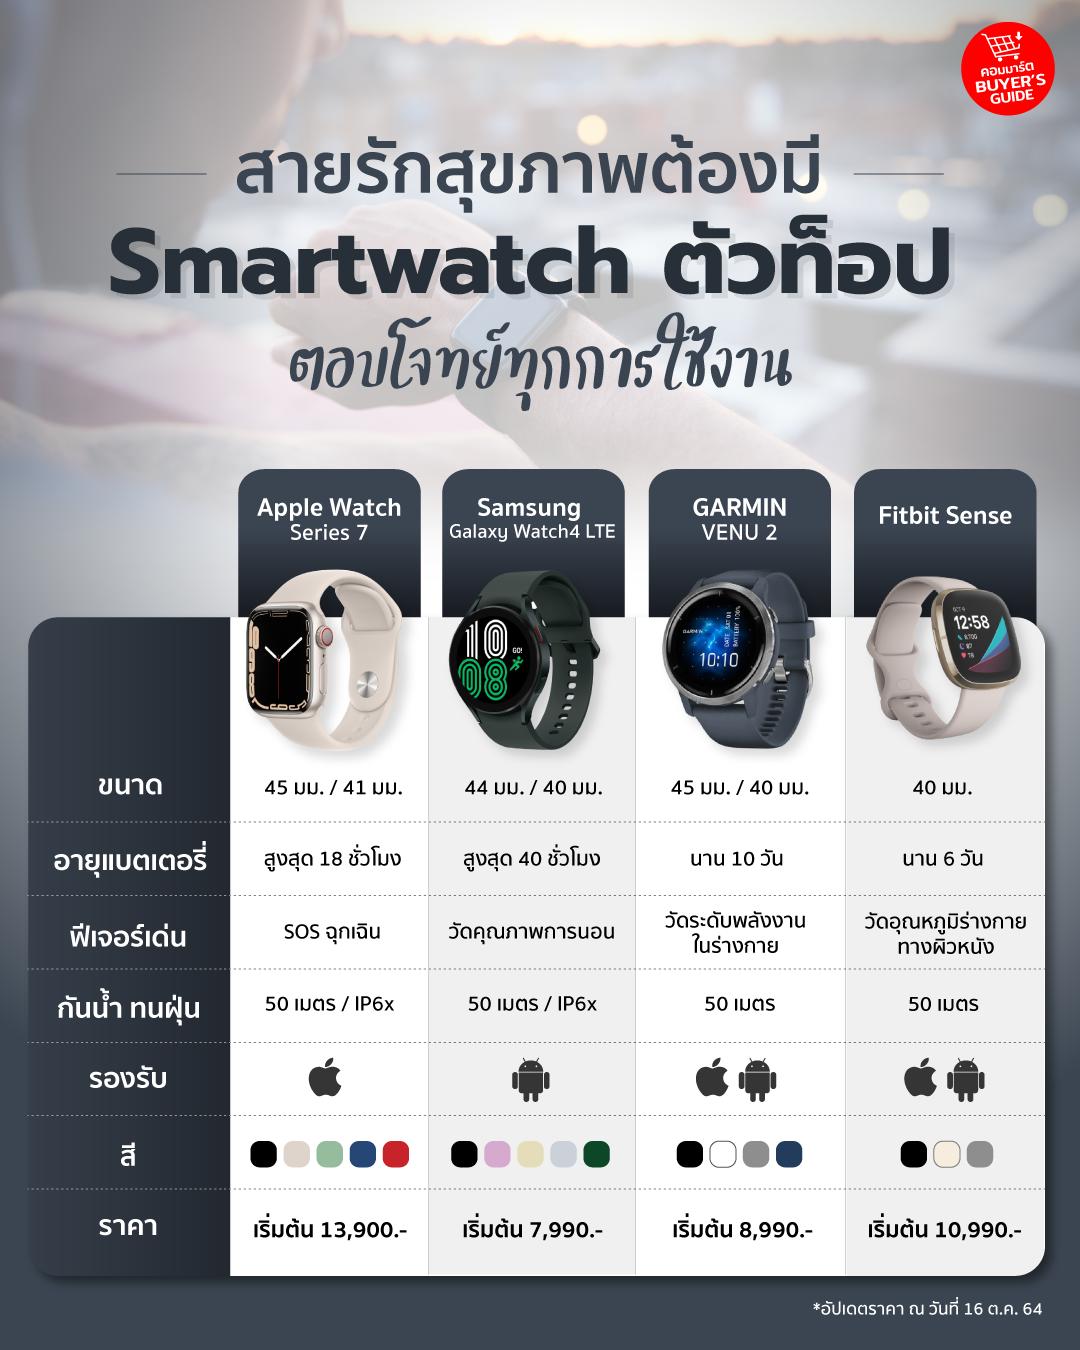 สายรักสุขภาพต้องมี Smartwatch ตัวท๊อป ตอบโจทย์ทุกการใช้งาน